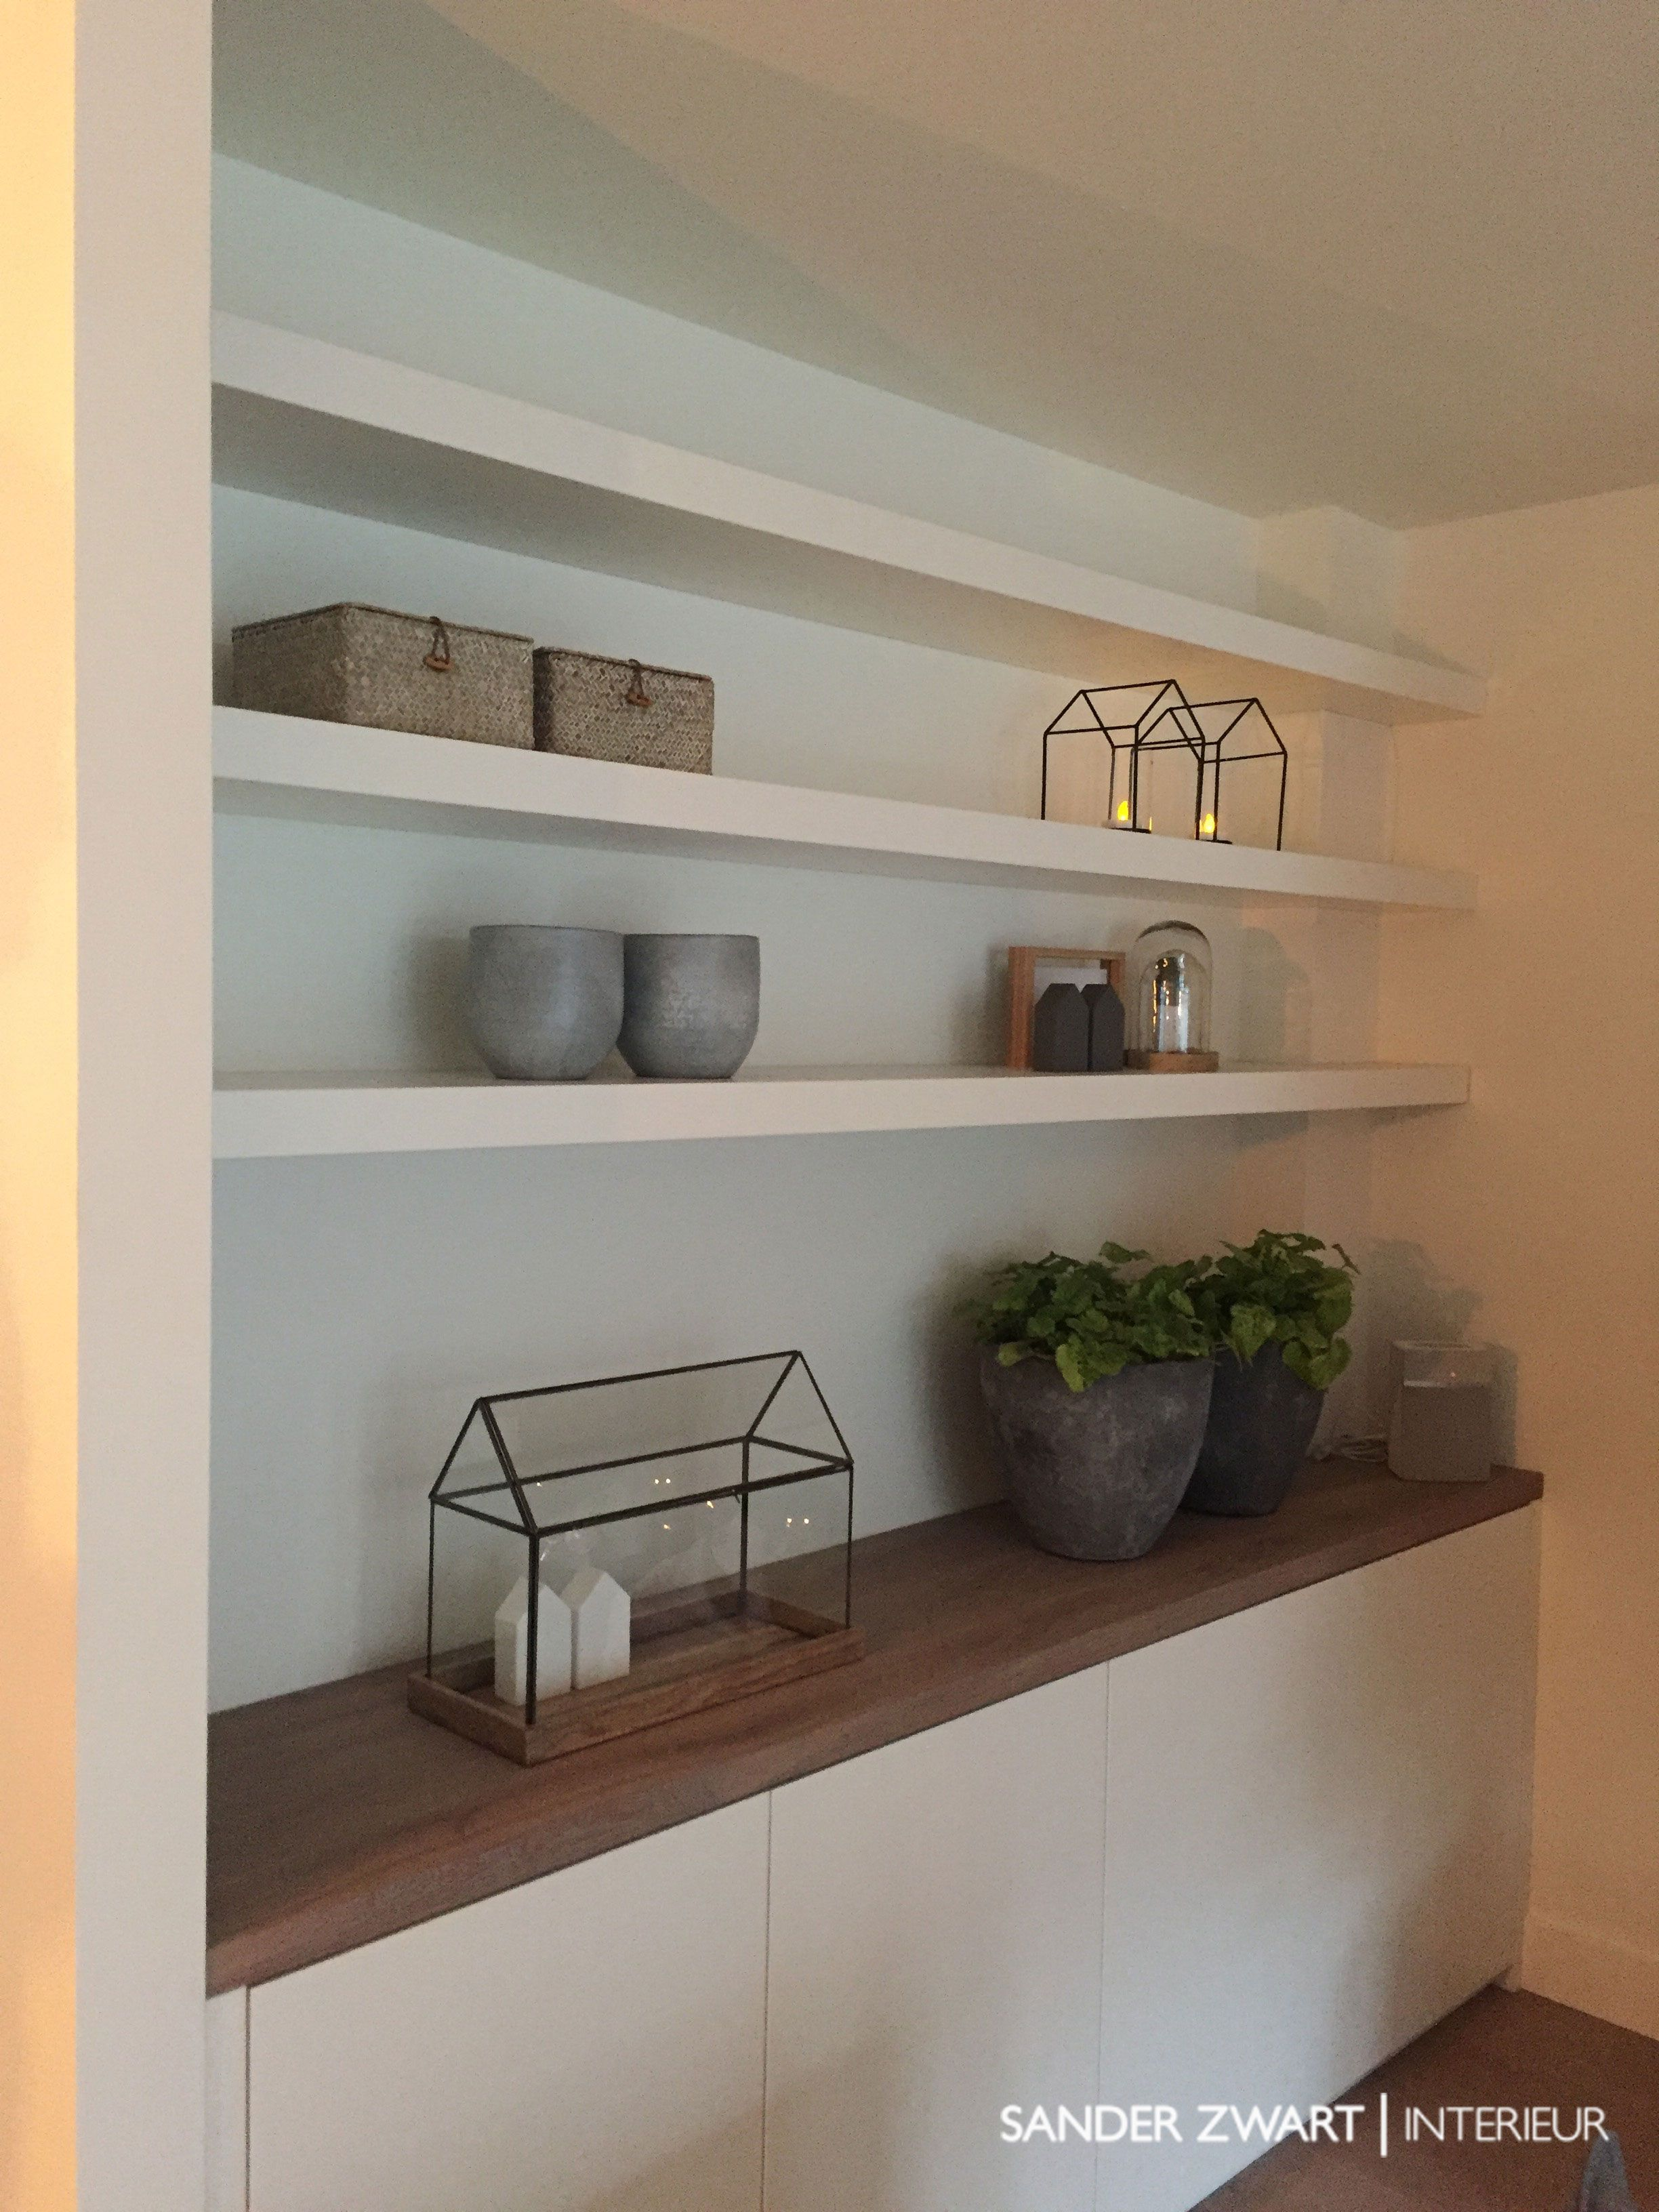 Interieur op maat - Sander Zwart Interieur   Home ideas   Pinterest ...